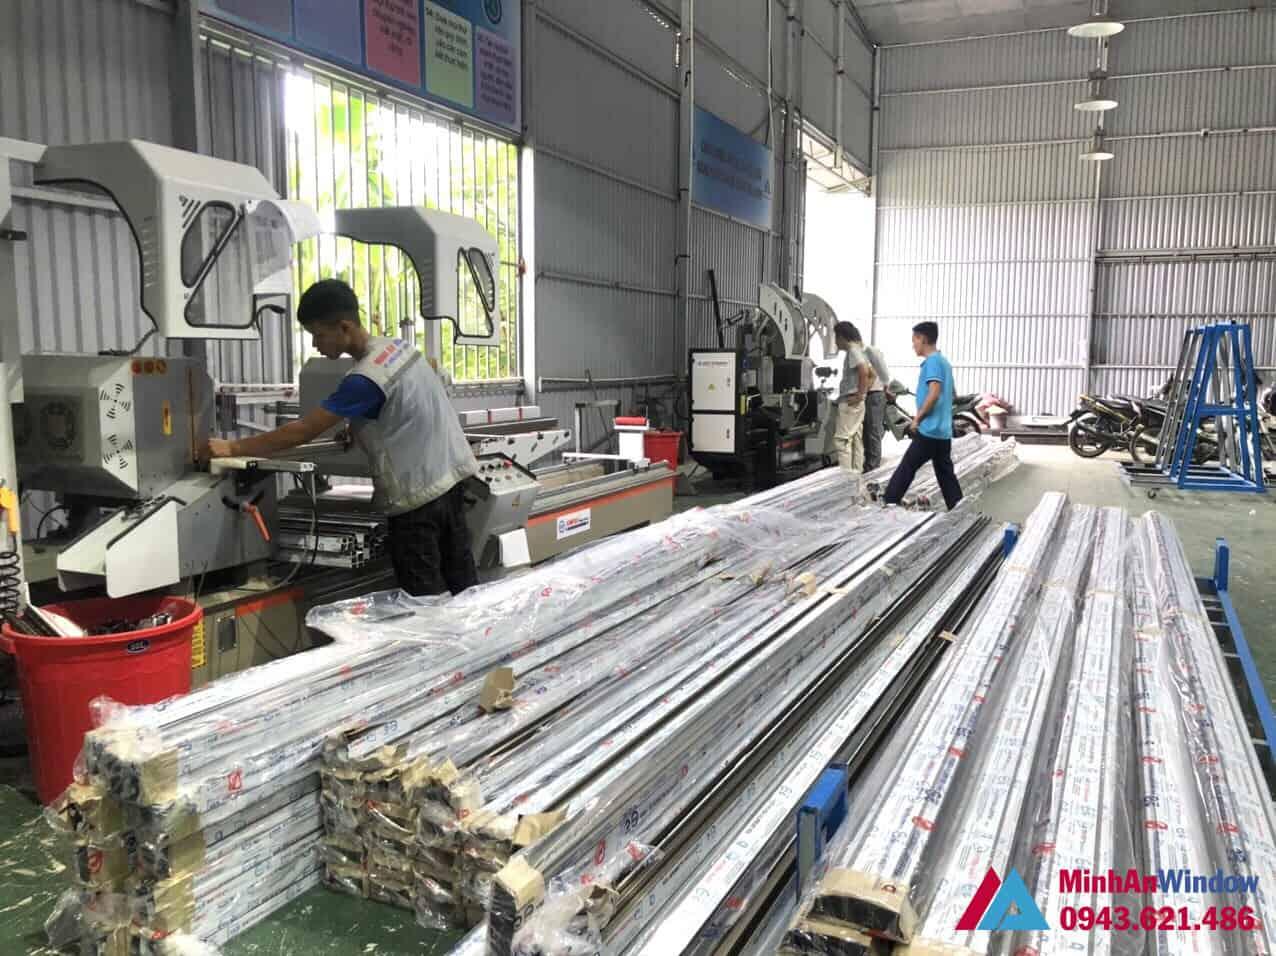 Xưởng sản xuất của Minh An Window với đội ngũ nhân viên có tay nghề cao